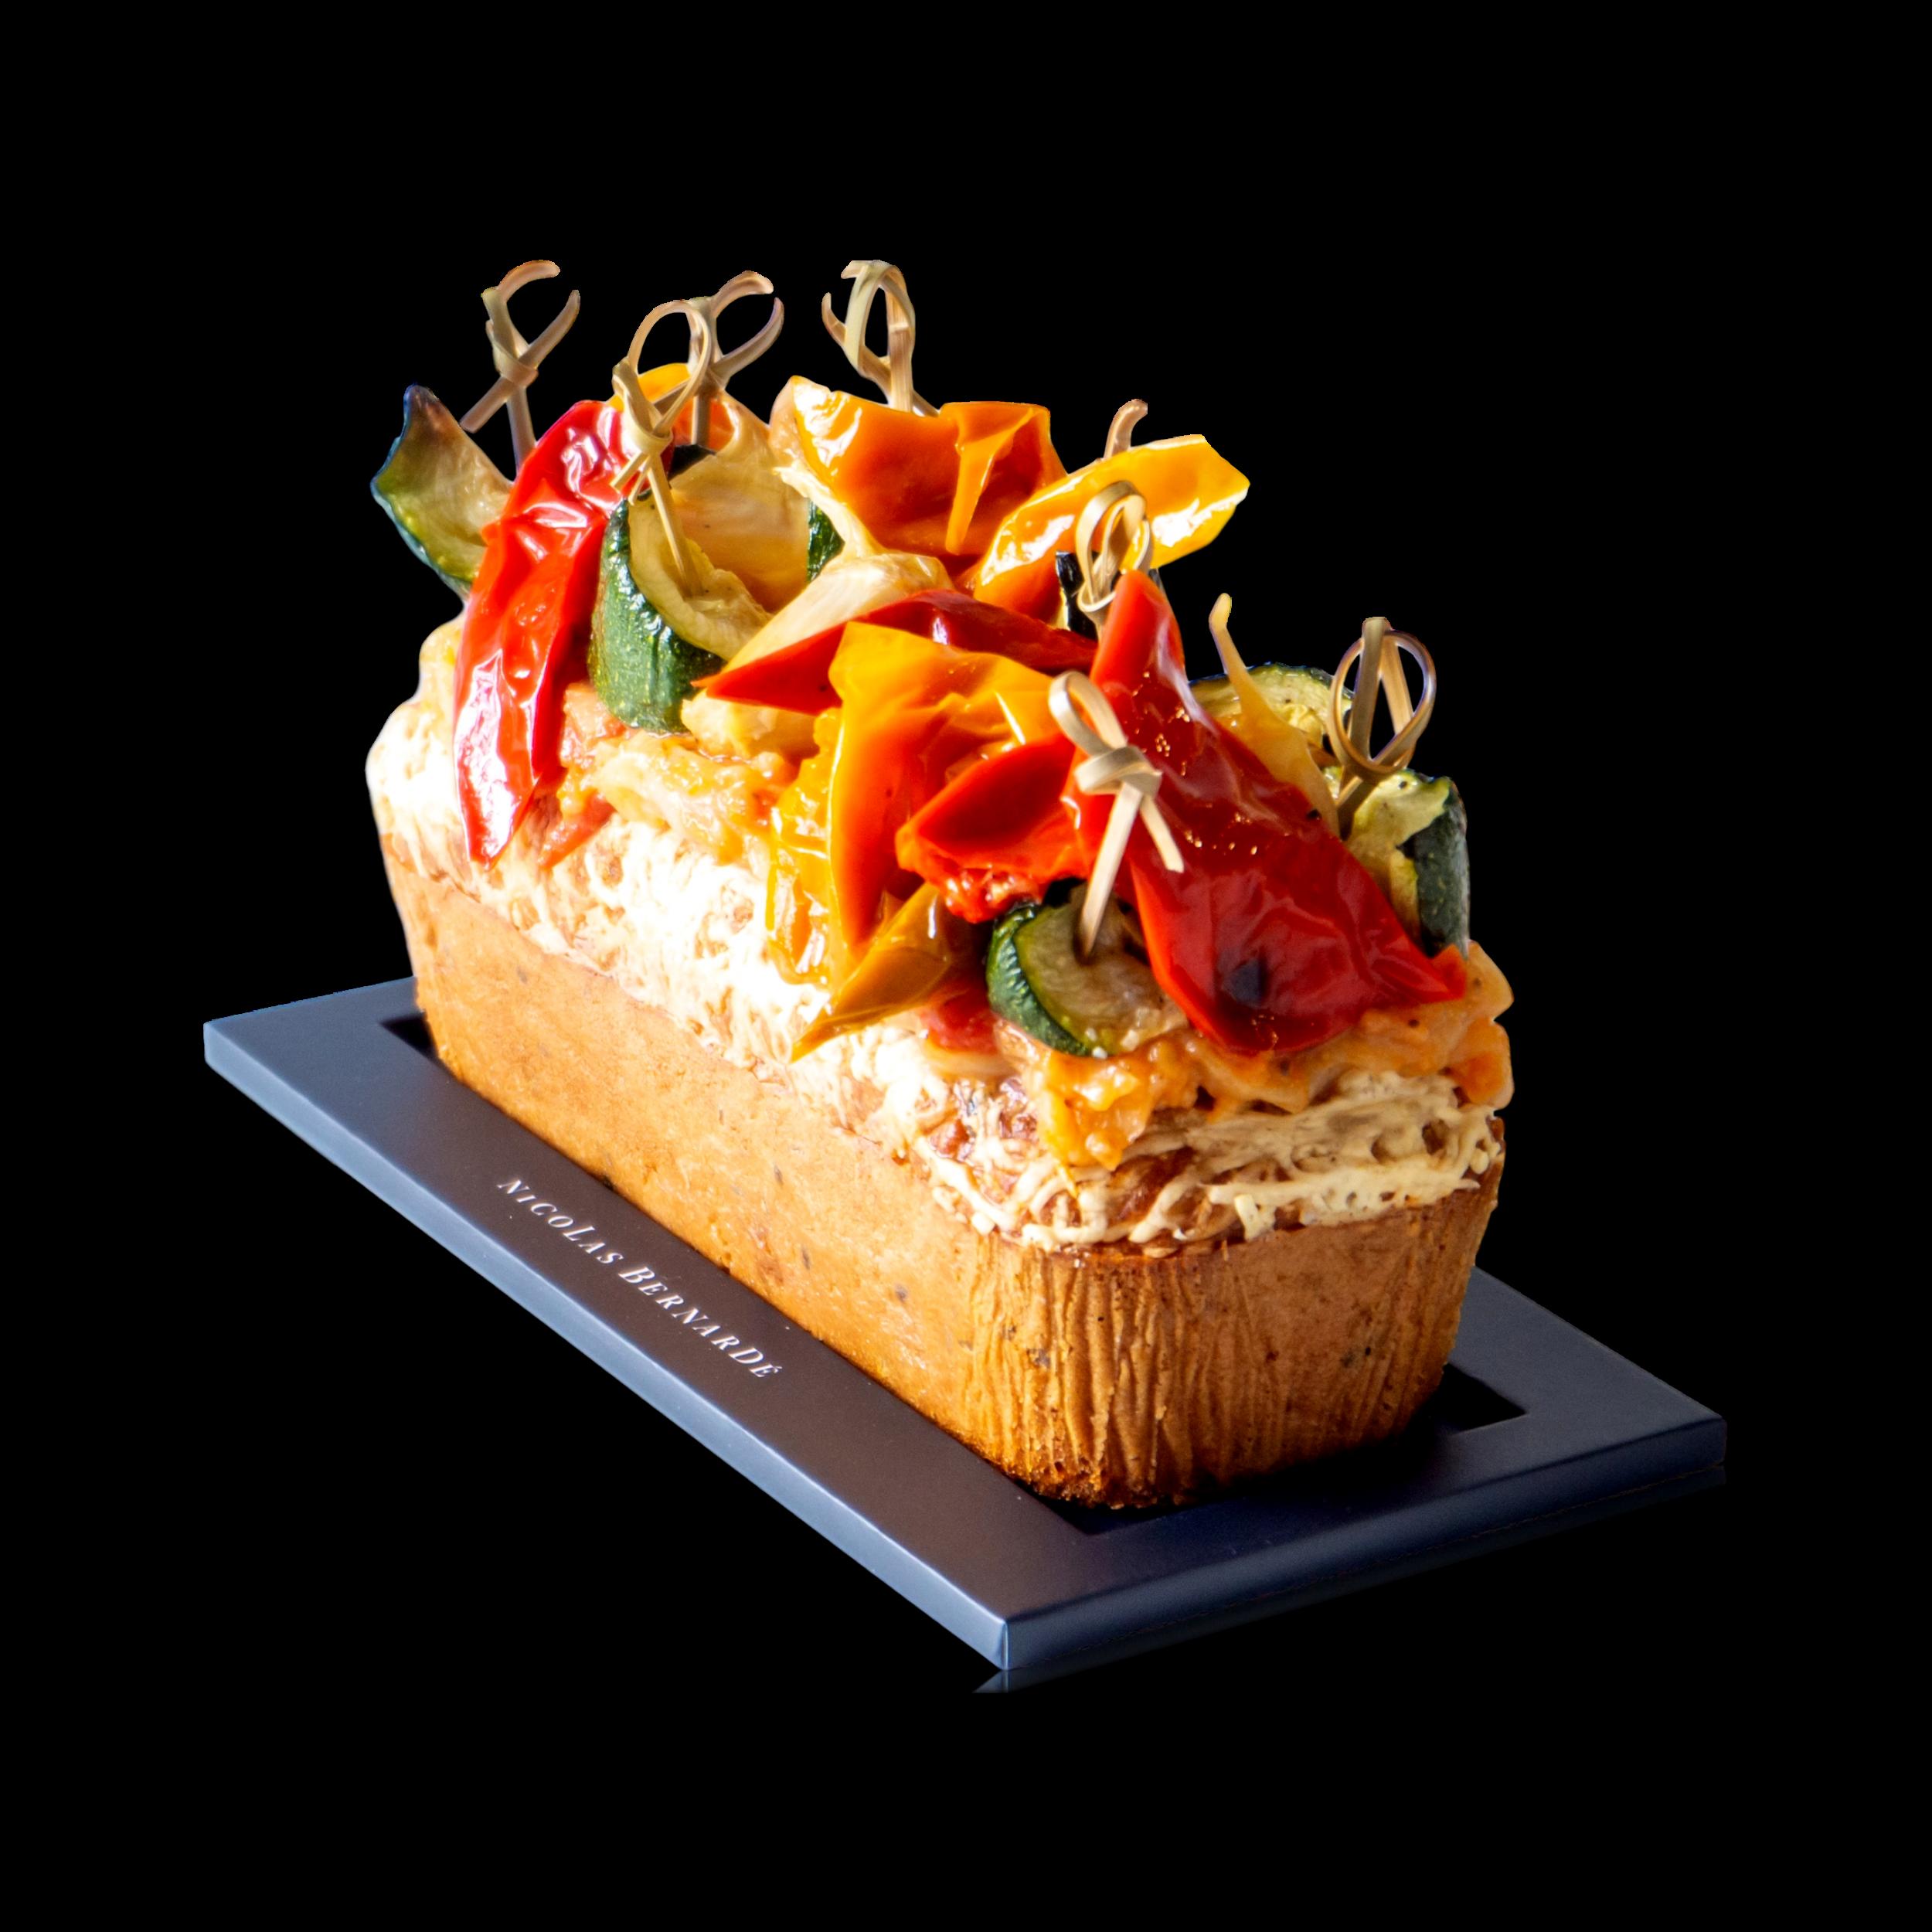 cake-1010472-Cakissime salé aux légumes du soleil_clipped_rev_2